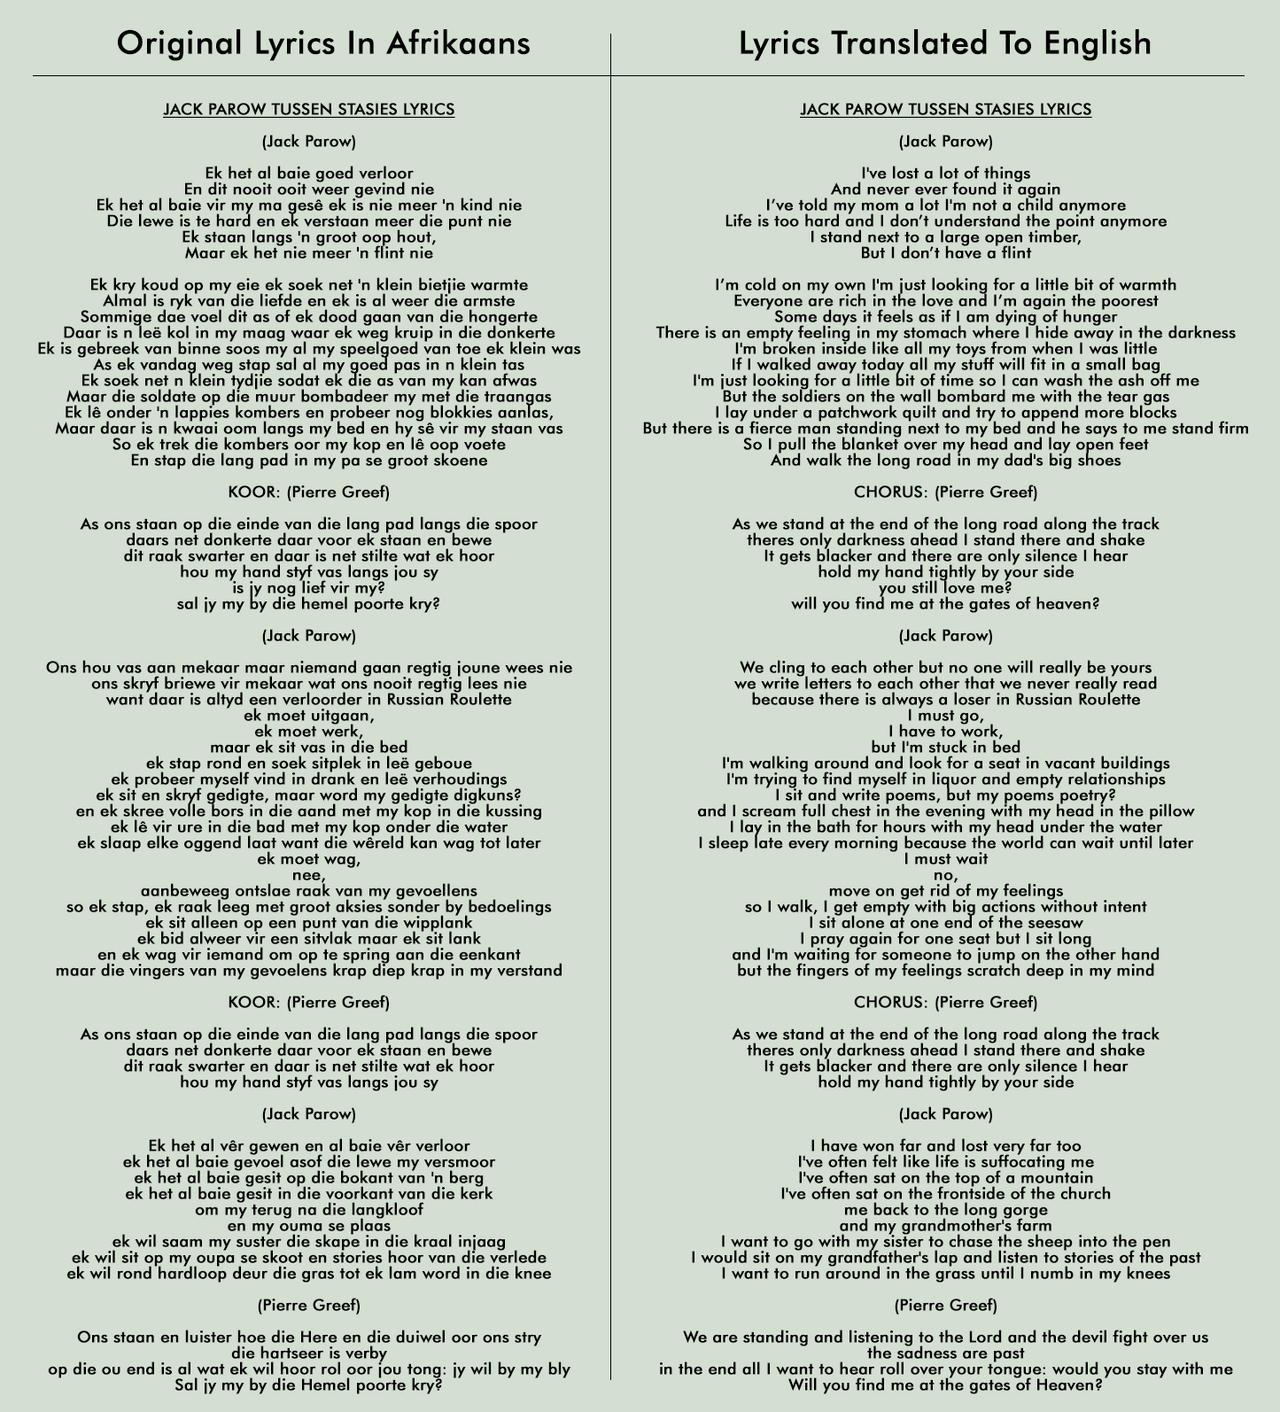 Tussen Stasies Lyrics by Blood-Huntress on DeviantArt